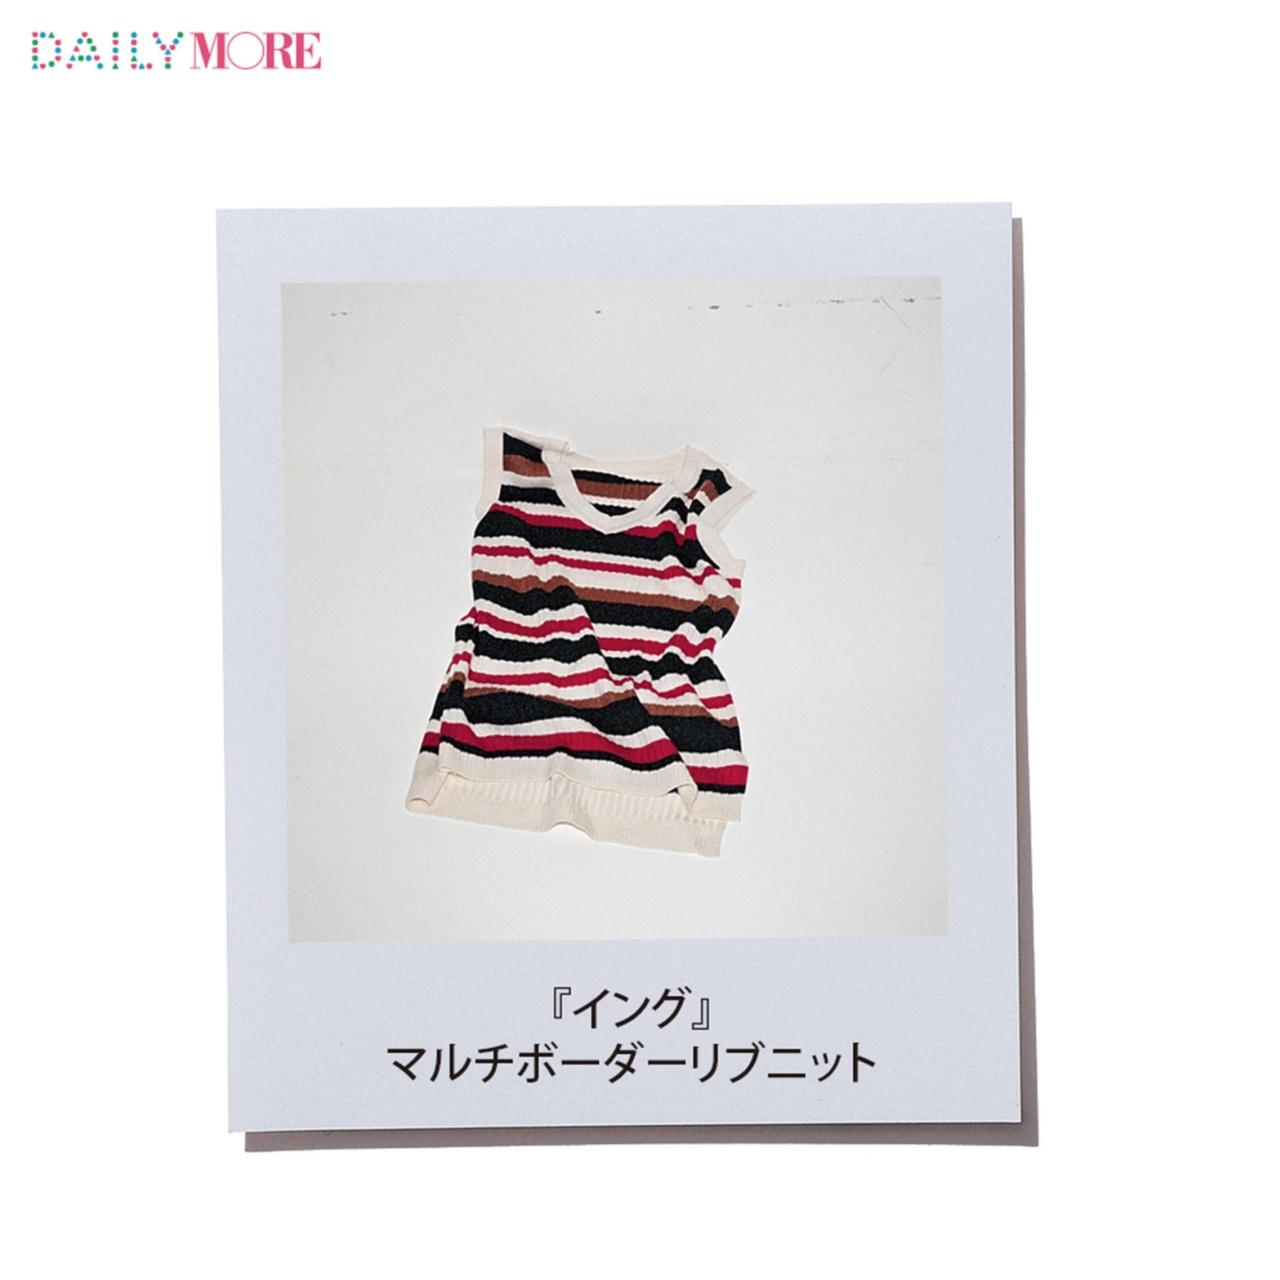 【隠れた名品、あなたは知ってた?】人気ブランドの「本当に売れてる服」が、実は意外と知られてない件。_1_3